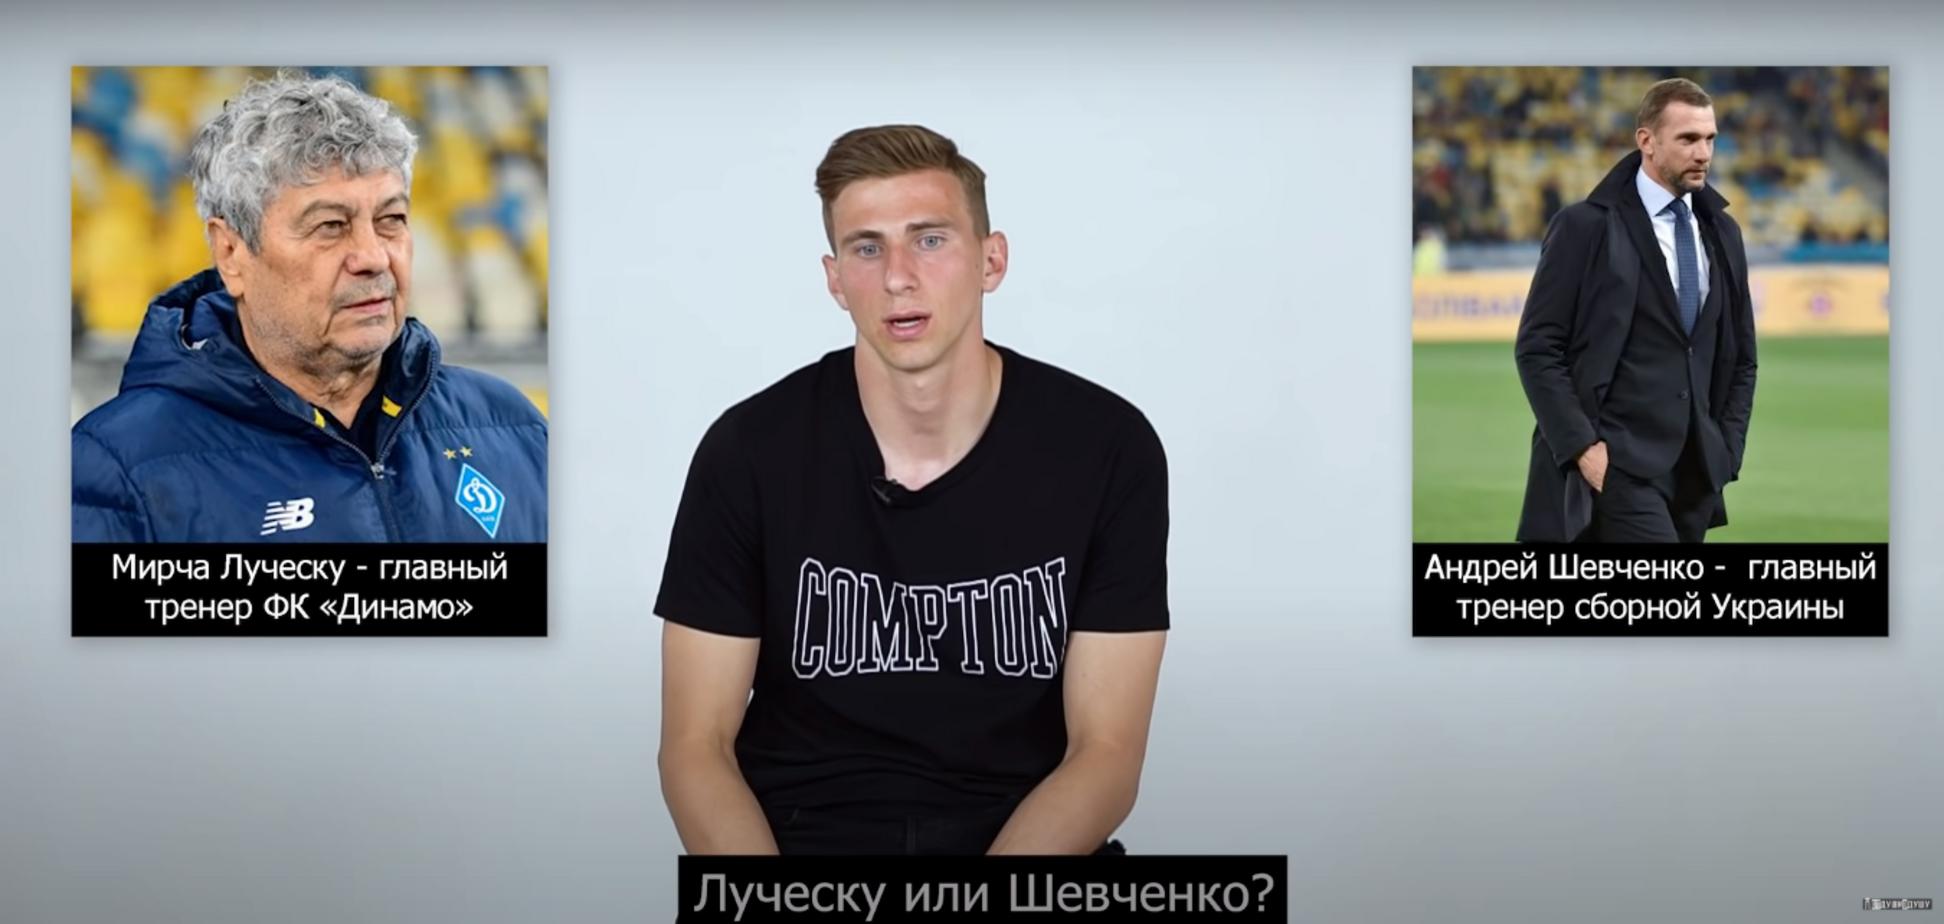 Гравець 'Динамо' розповів, чим відрізняються тактики Луческу та Шевченка